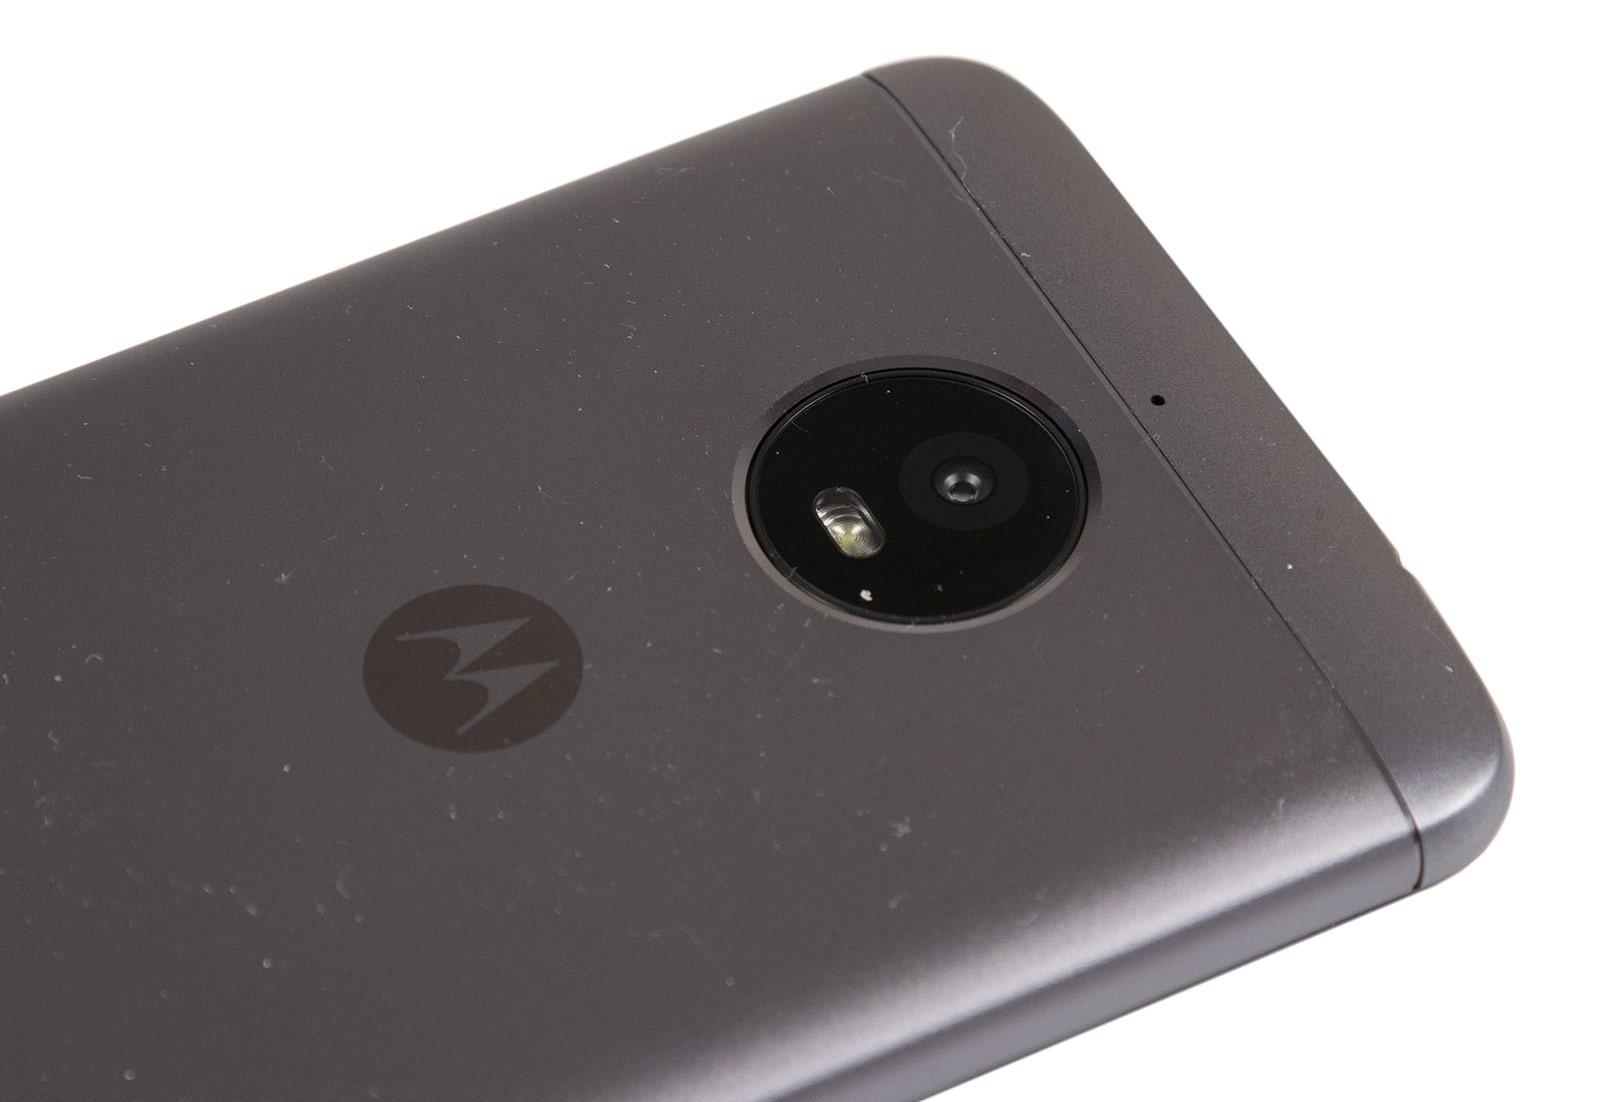 Обзор смартфона Moto E Plus: 5000 мАч в тонком корпусе - 11